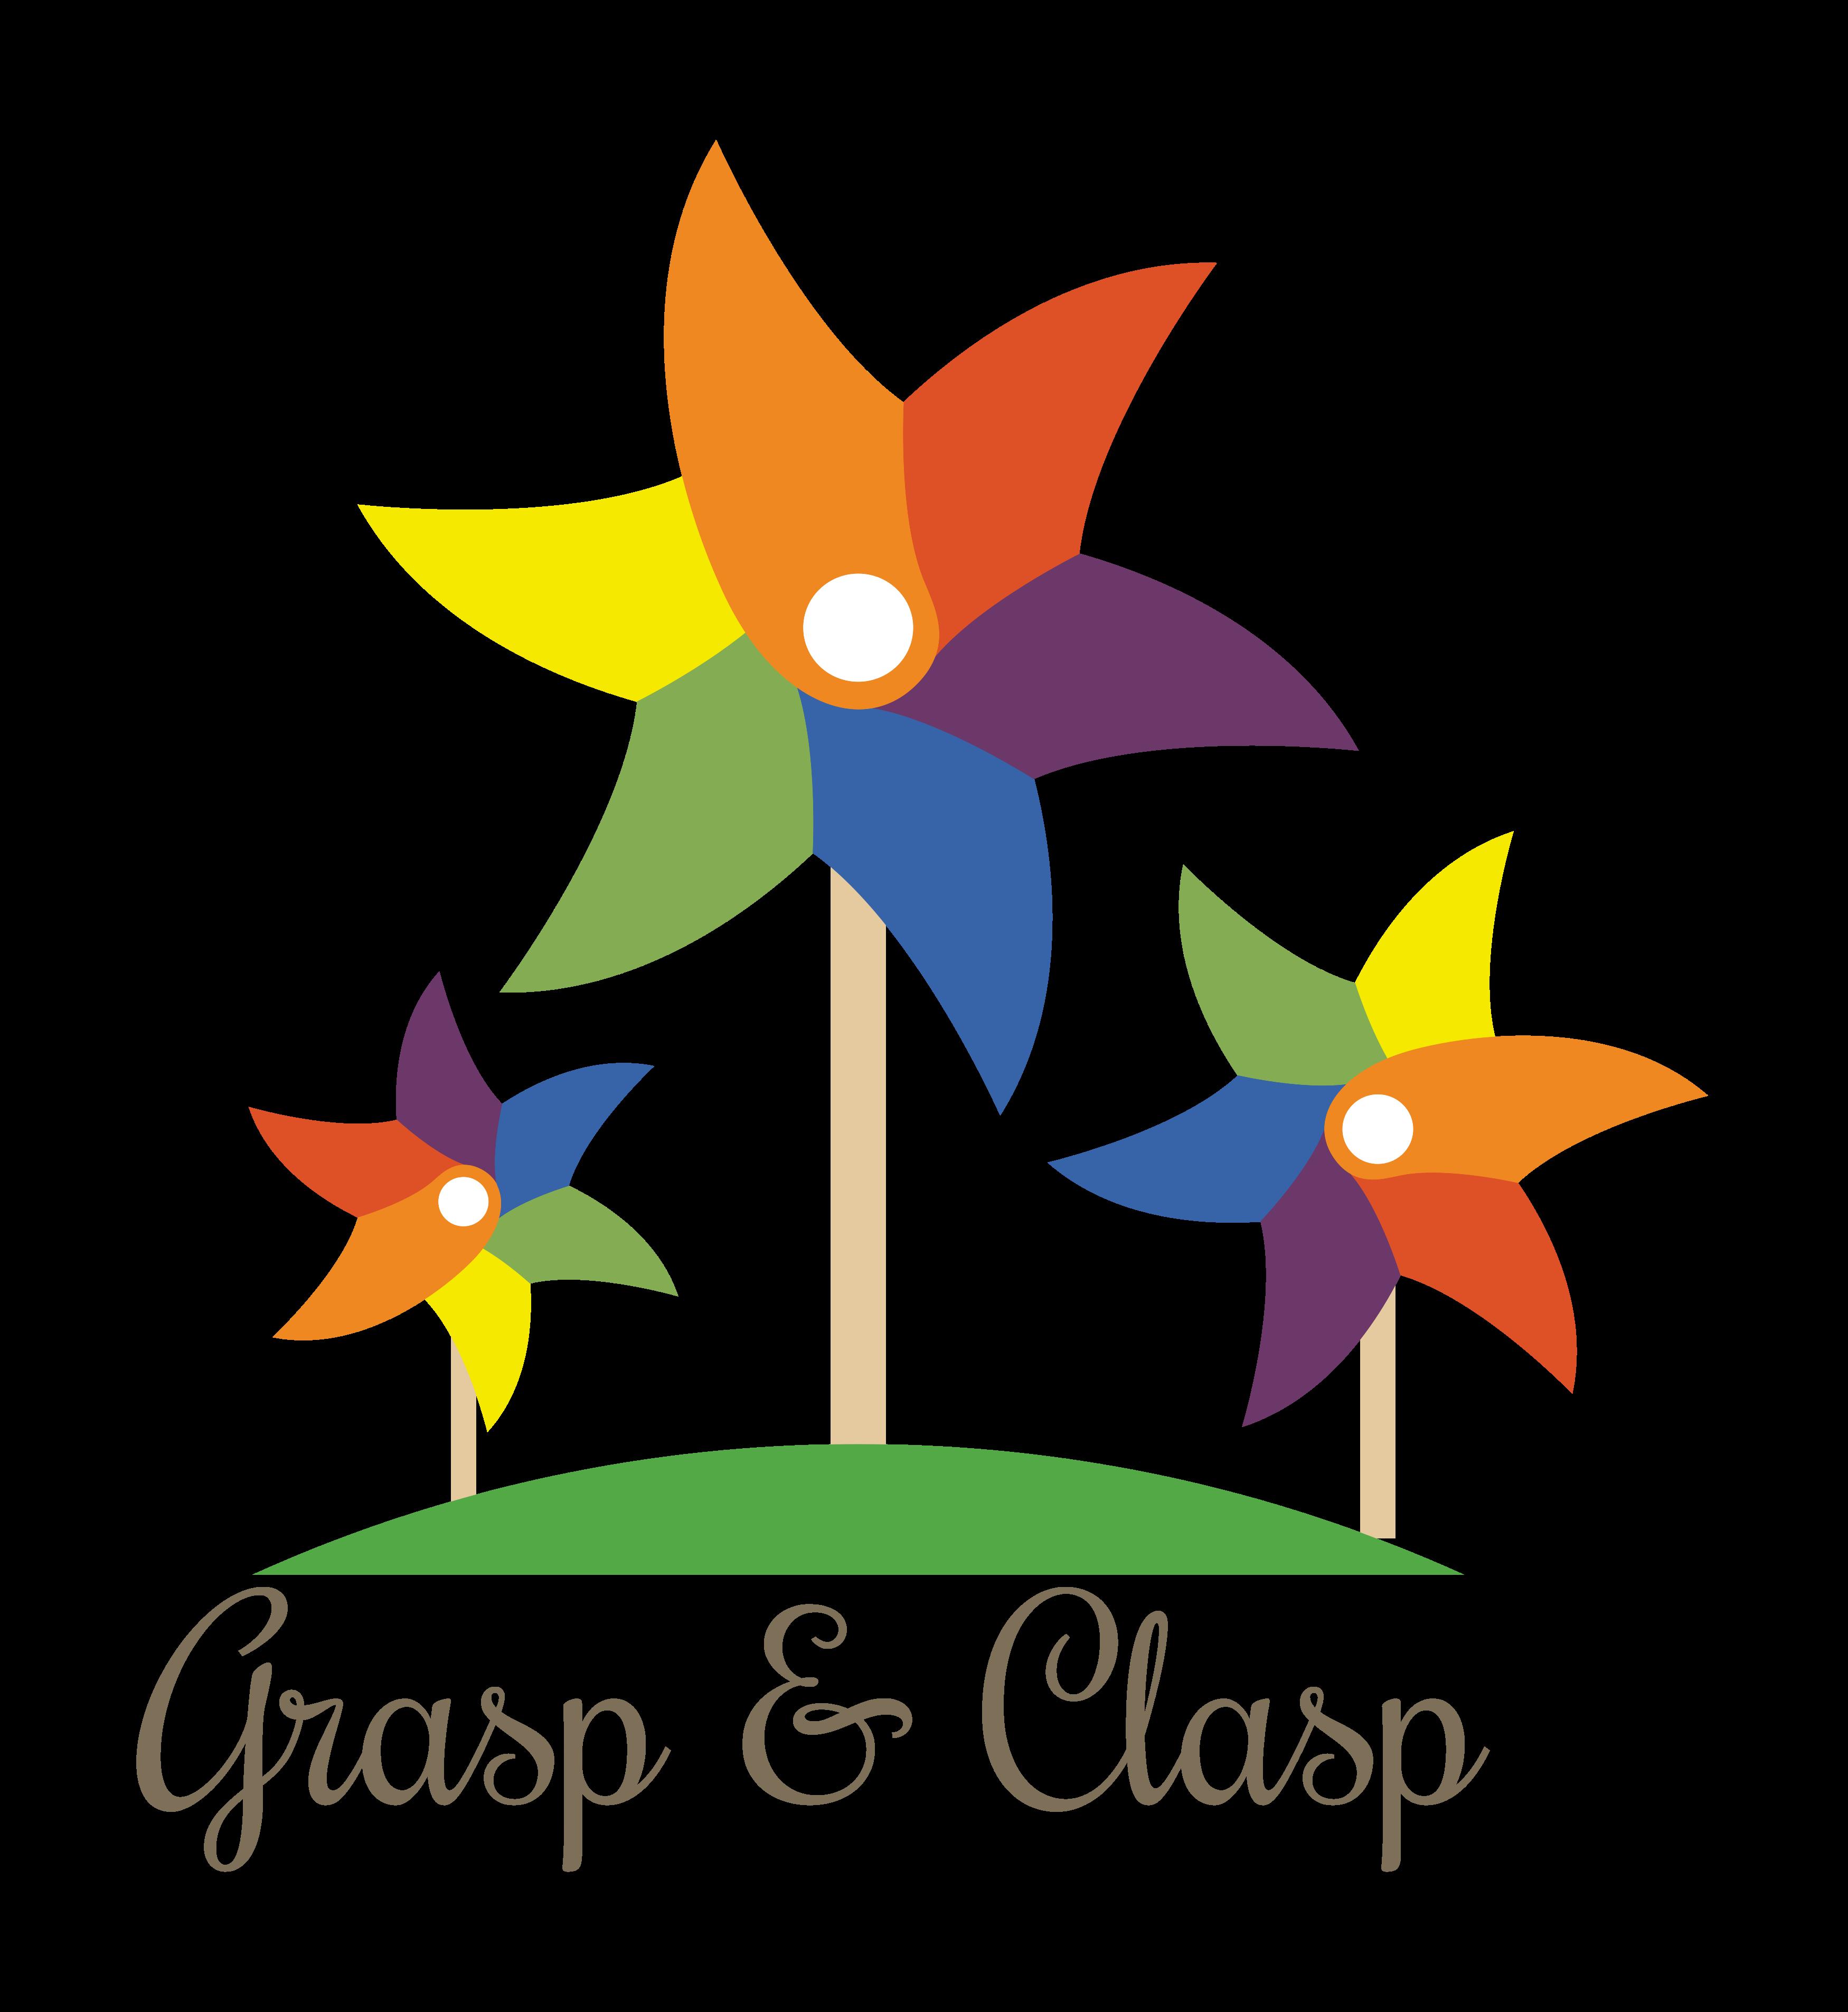 Grasp & Clasp Logo